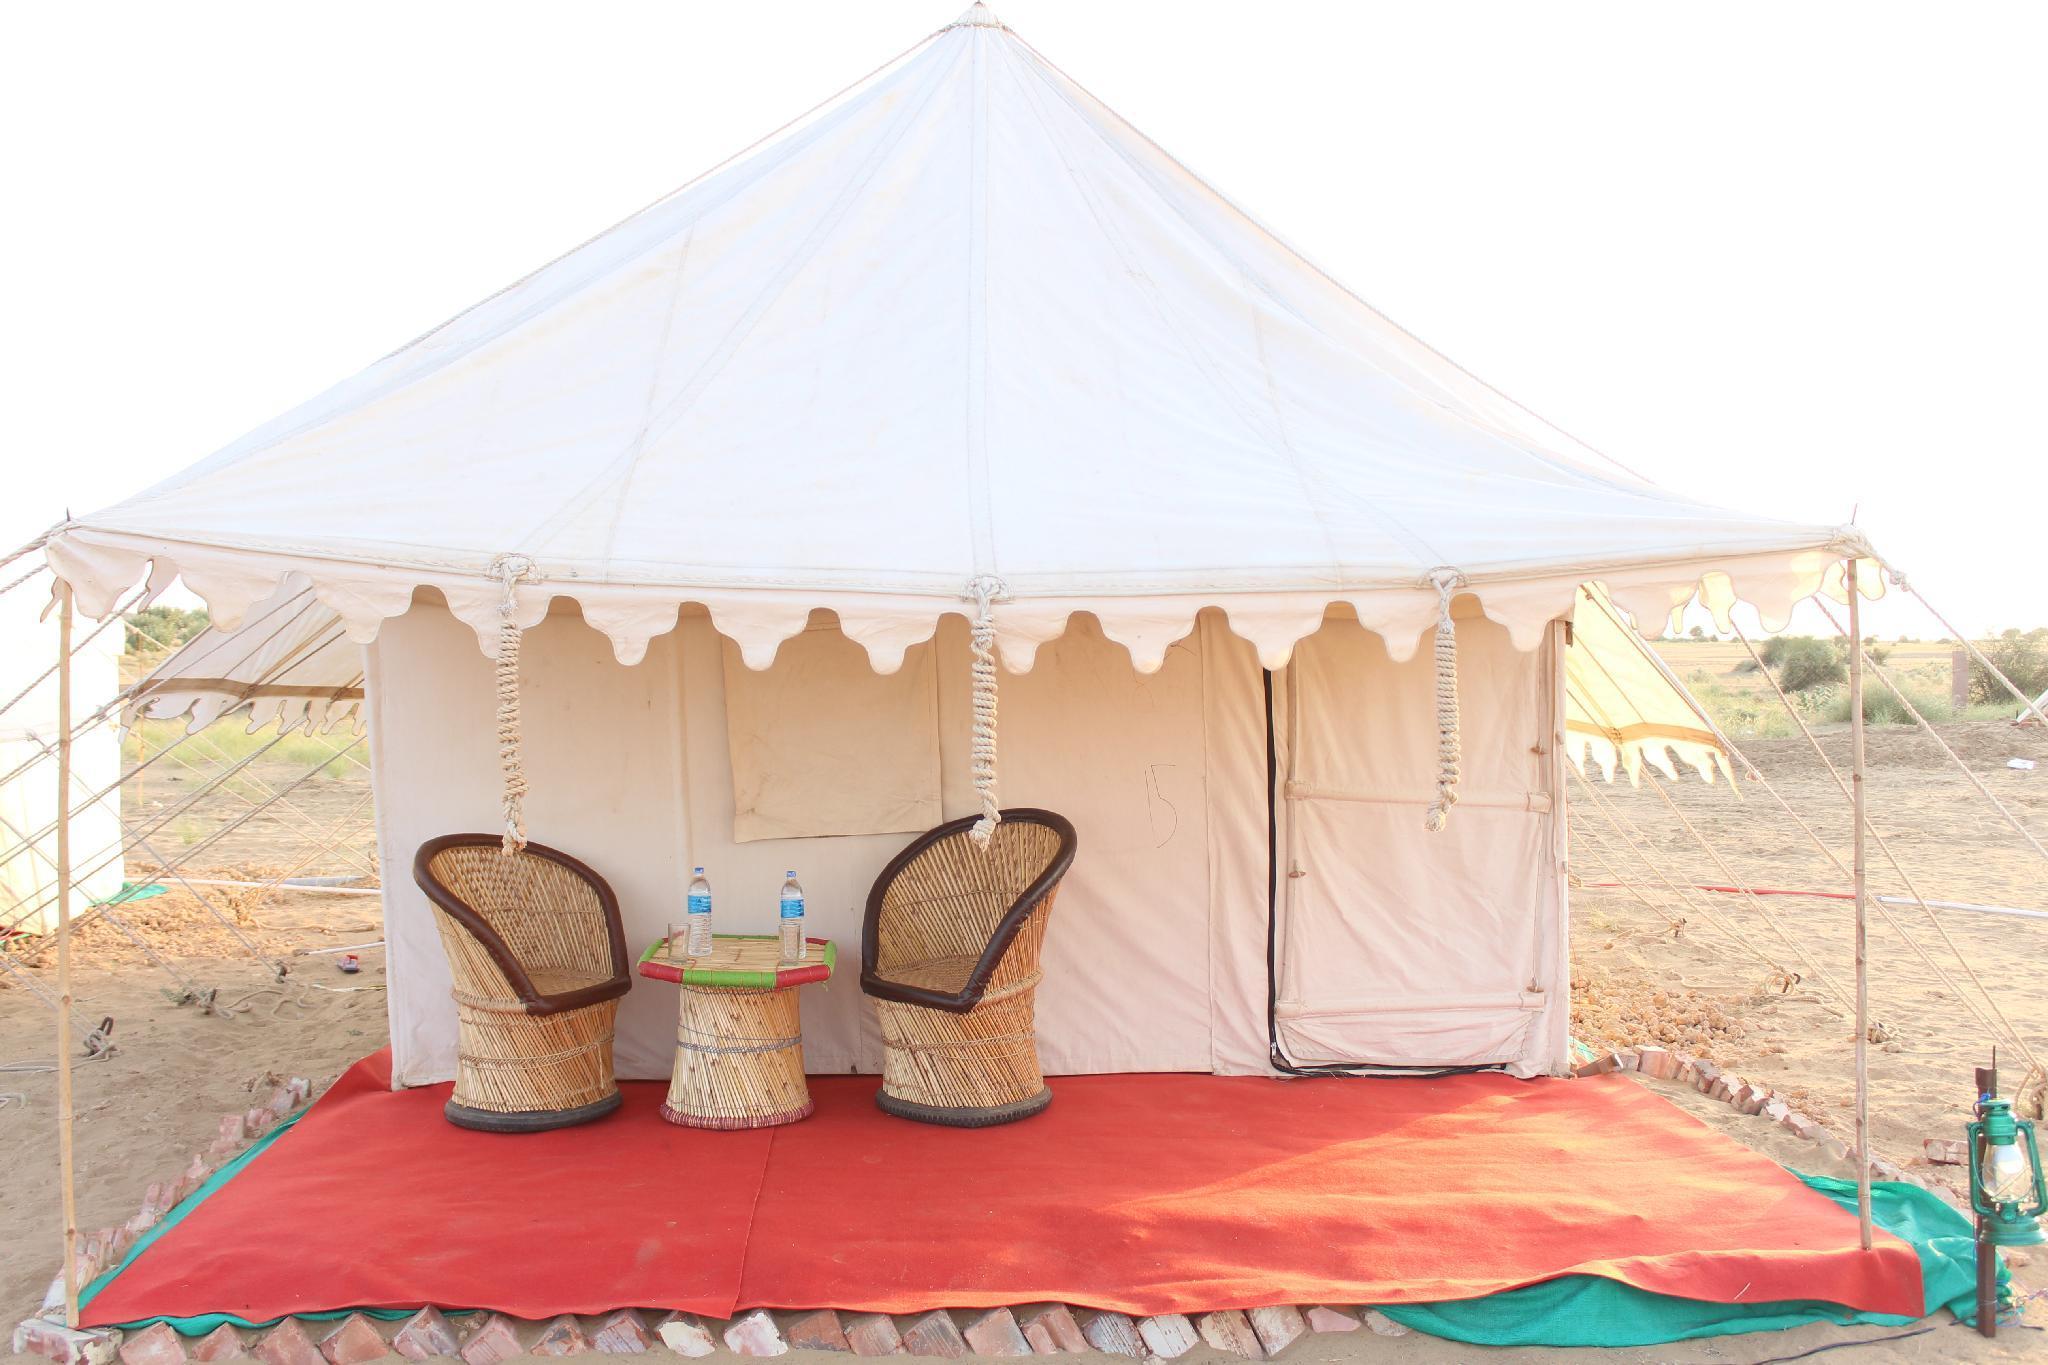 Sunrise Desert Camp